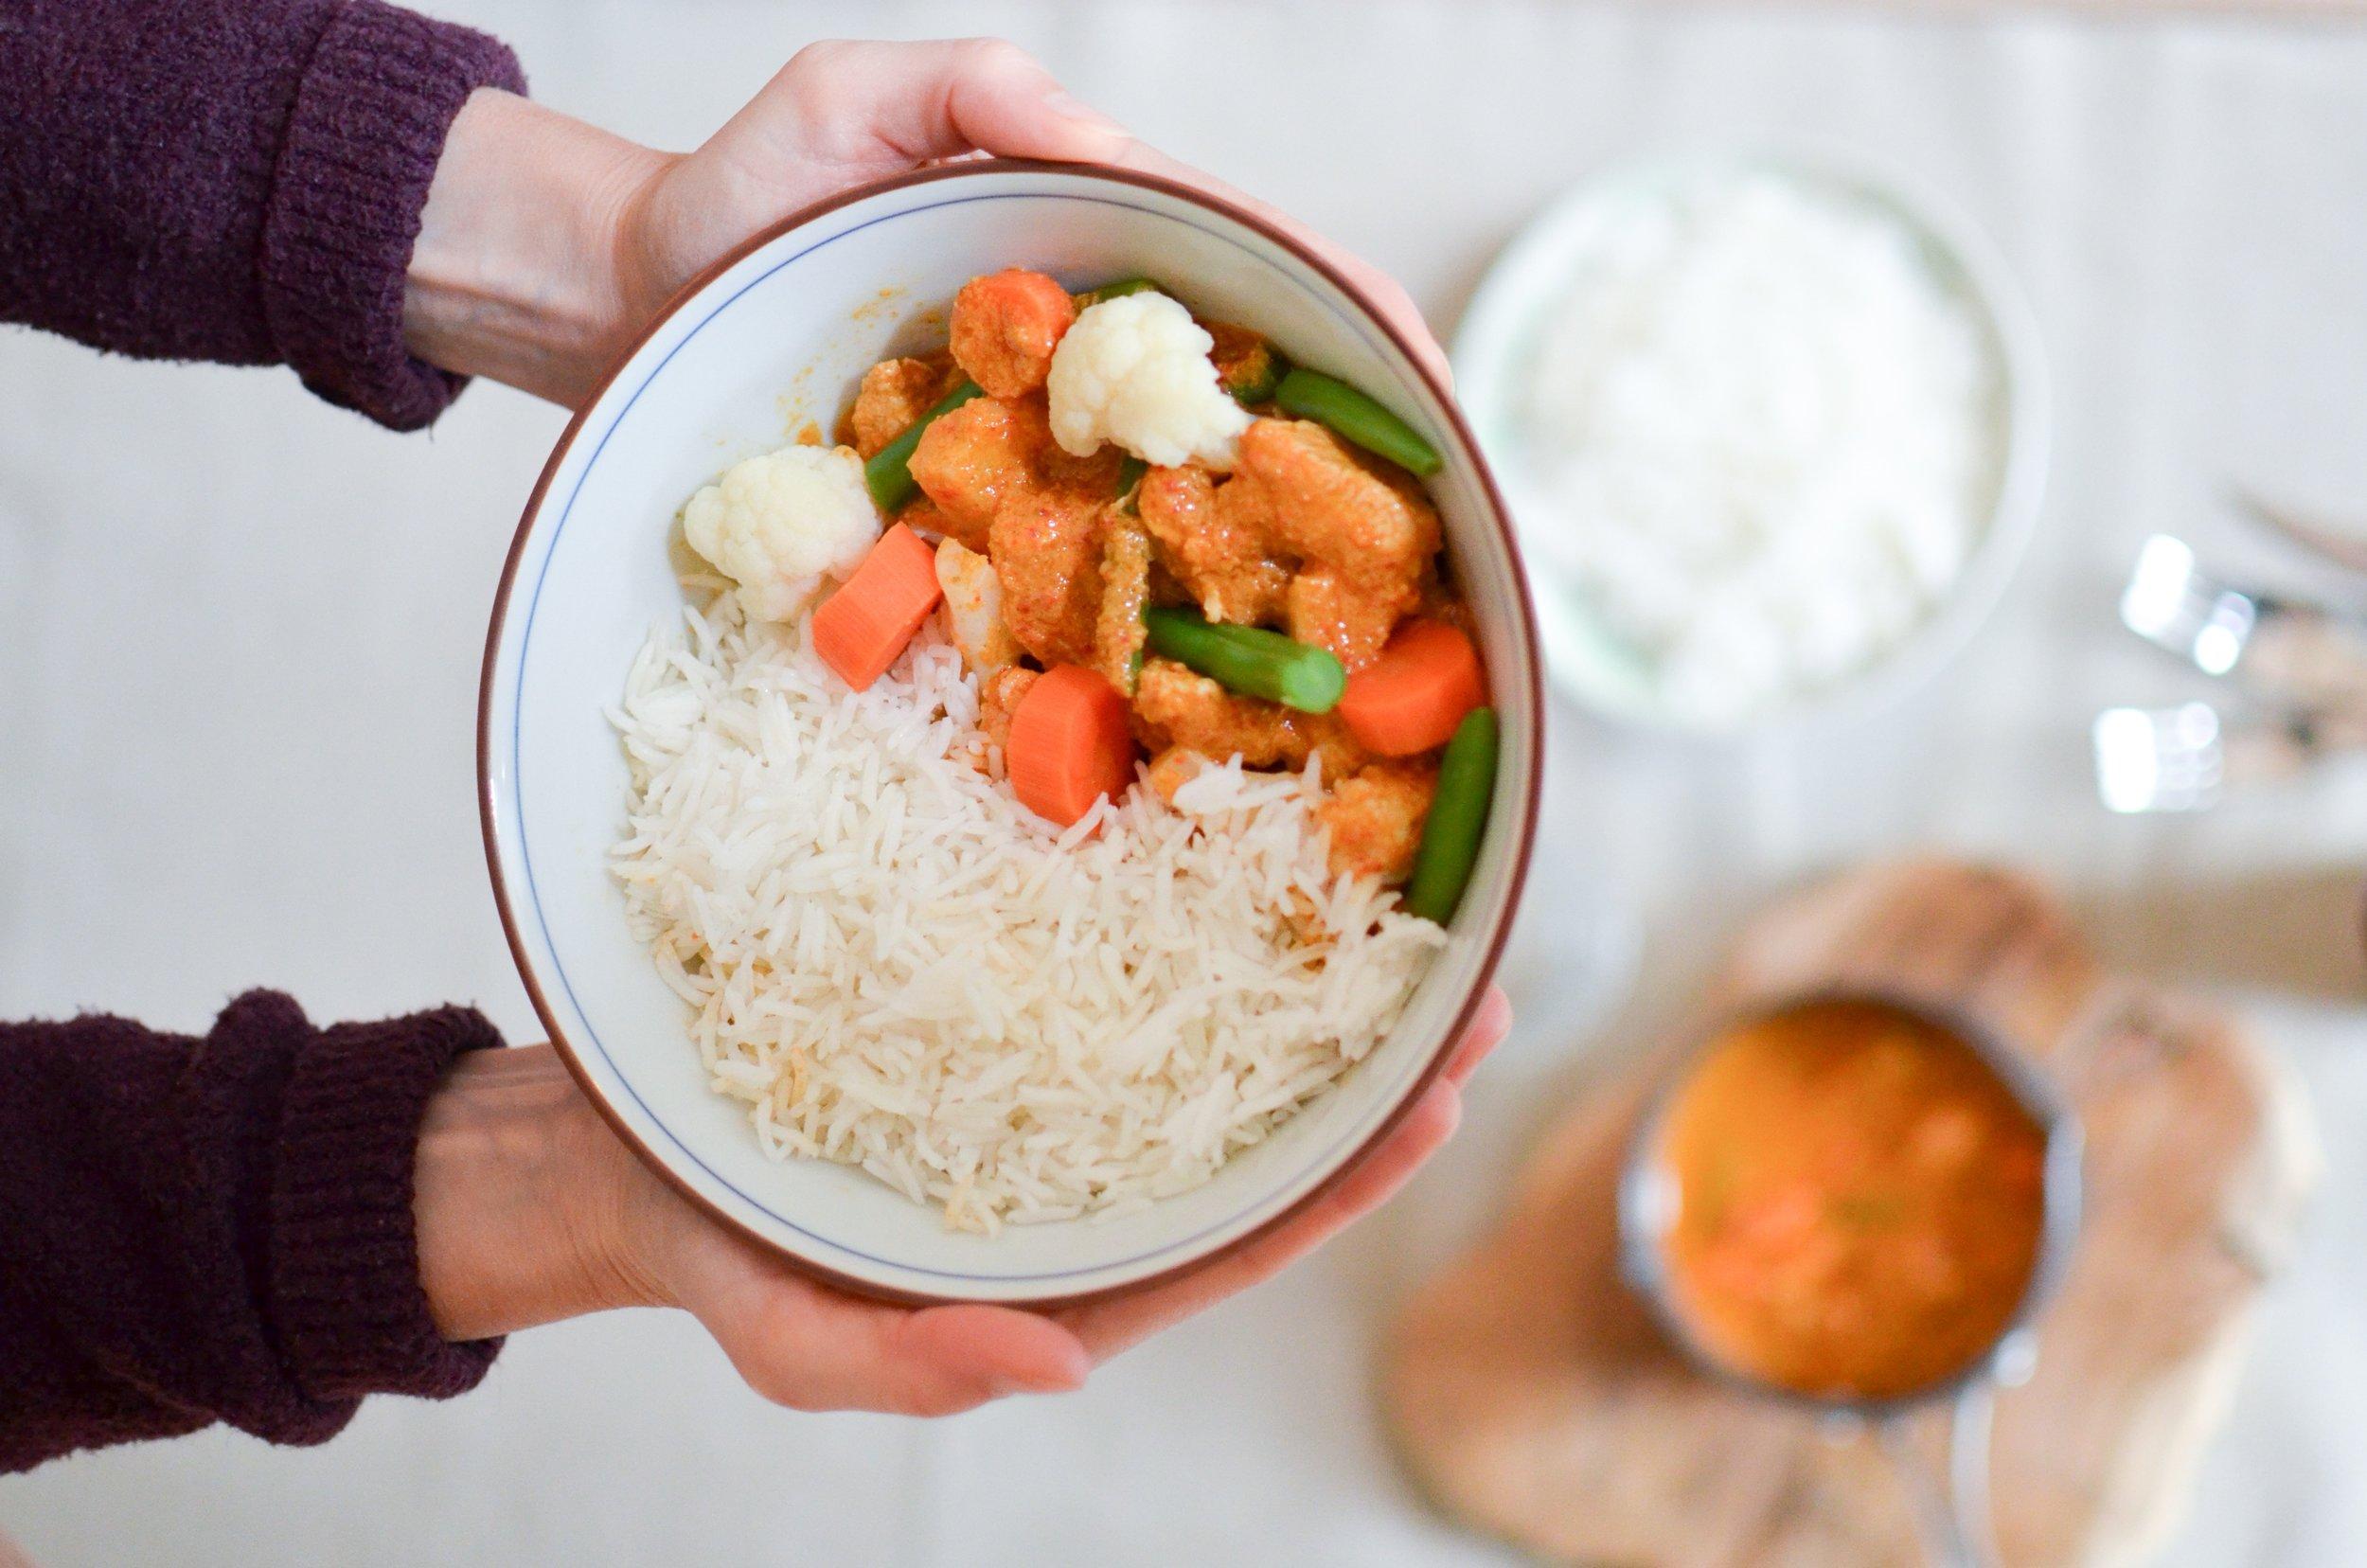 Ingrédients :  Curry (poulet, carottes, chou-fleur, haricot vert, poivron rouge, crème de coco, lait de coco, échalote, ail, citronnelle, curcuma, cumin, paprika, feuille de lime, agave,  sauce poisson , huile de tournesol, galangal, coriandre, piment rouge, sel) ; riz Basmati (riz,  bouillon de légumes ).